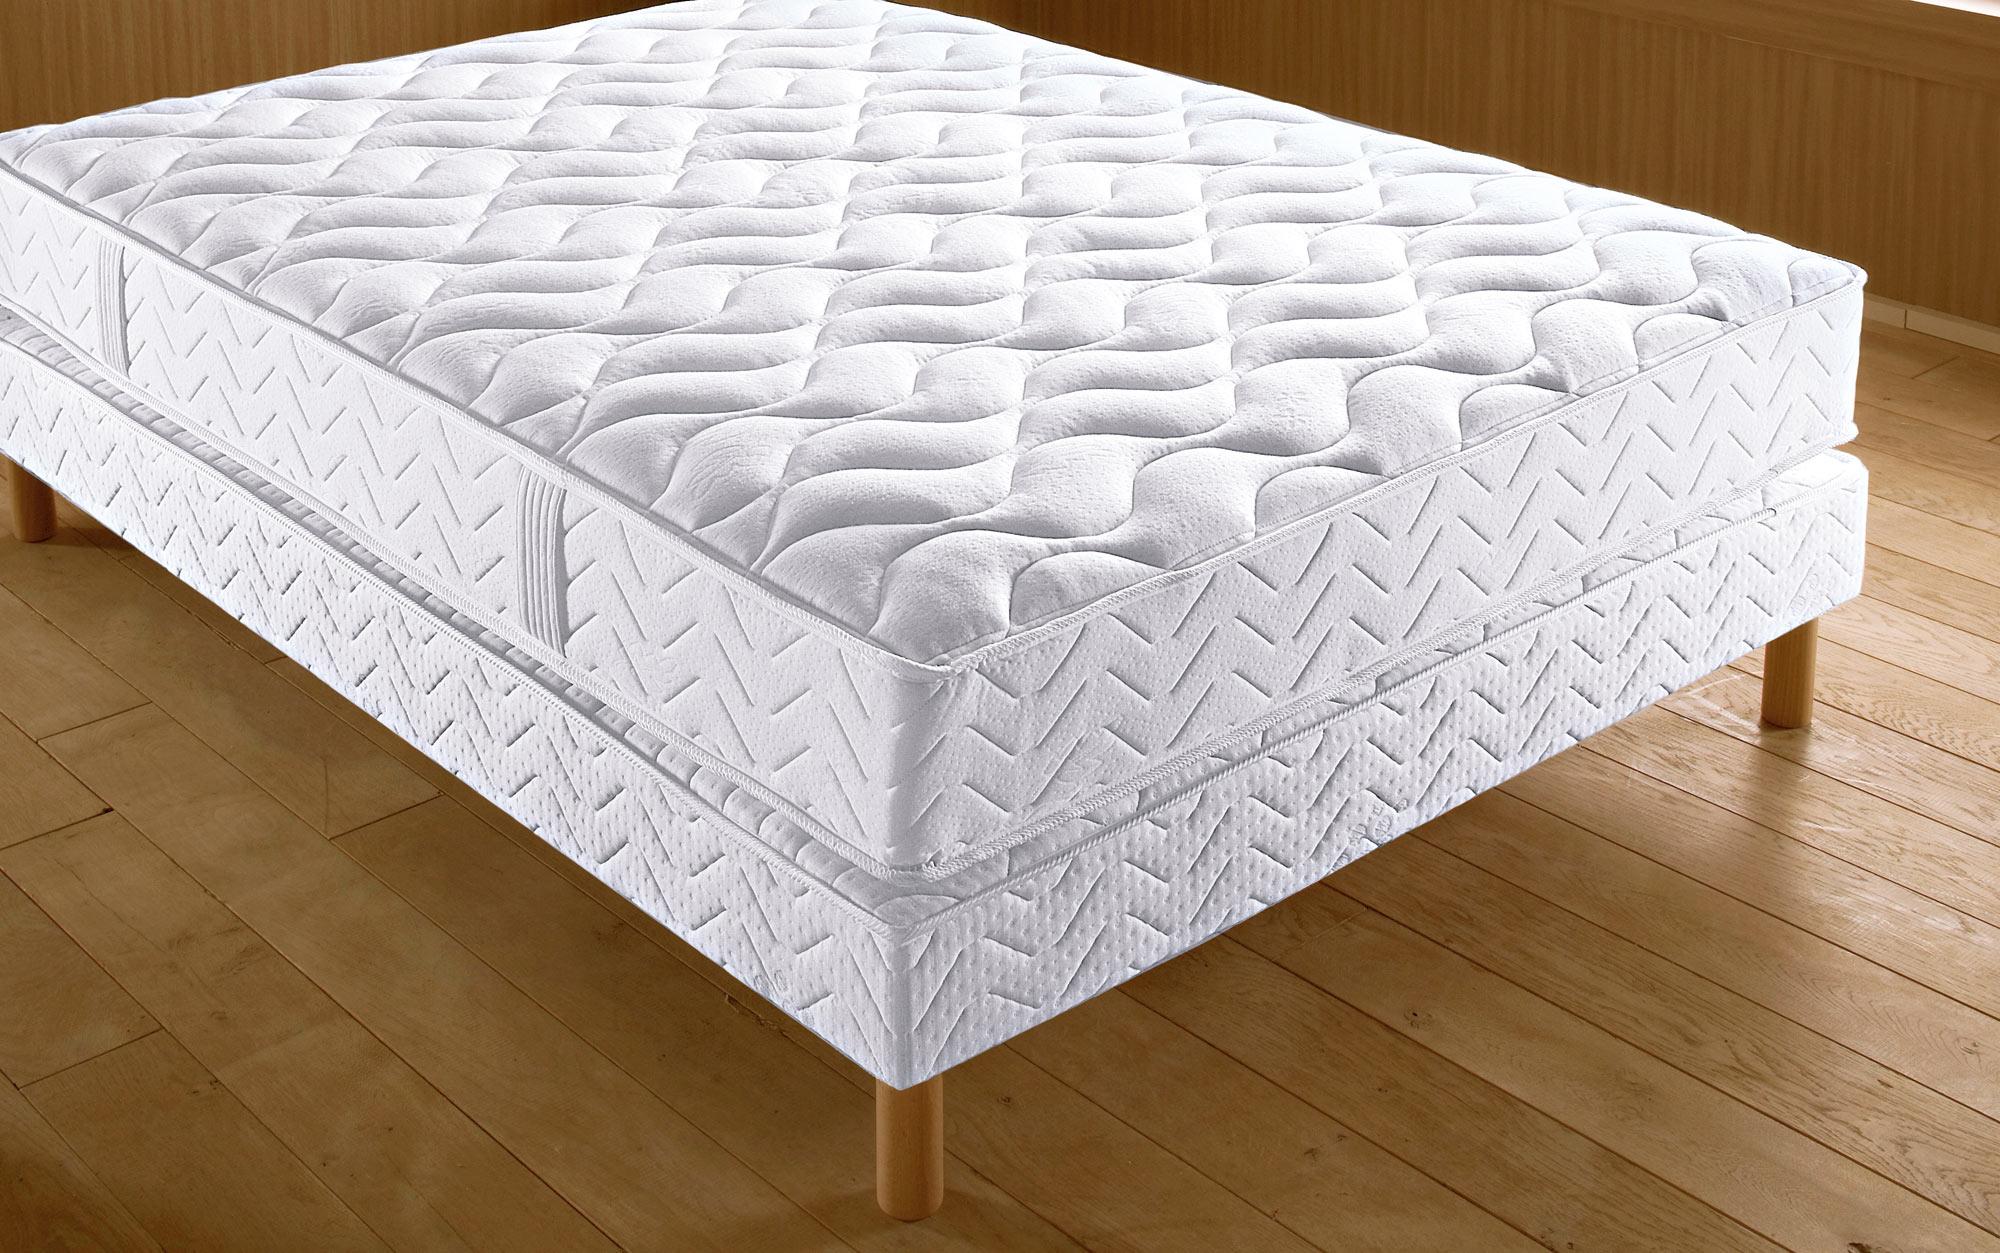 matelas polylatex accueil confort soutien ferme 140 x 190 anniversaire 40 ans acheter ce. Black Bedroom Furniture Sets. Home Design Ideas